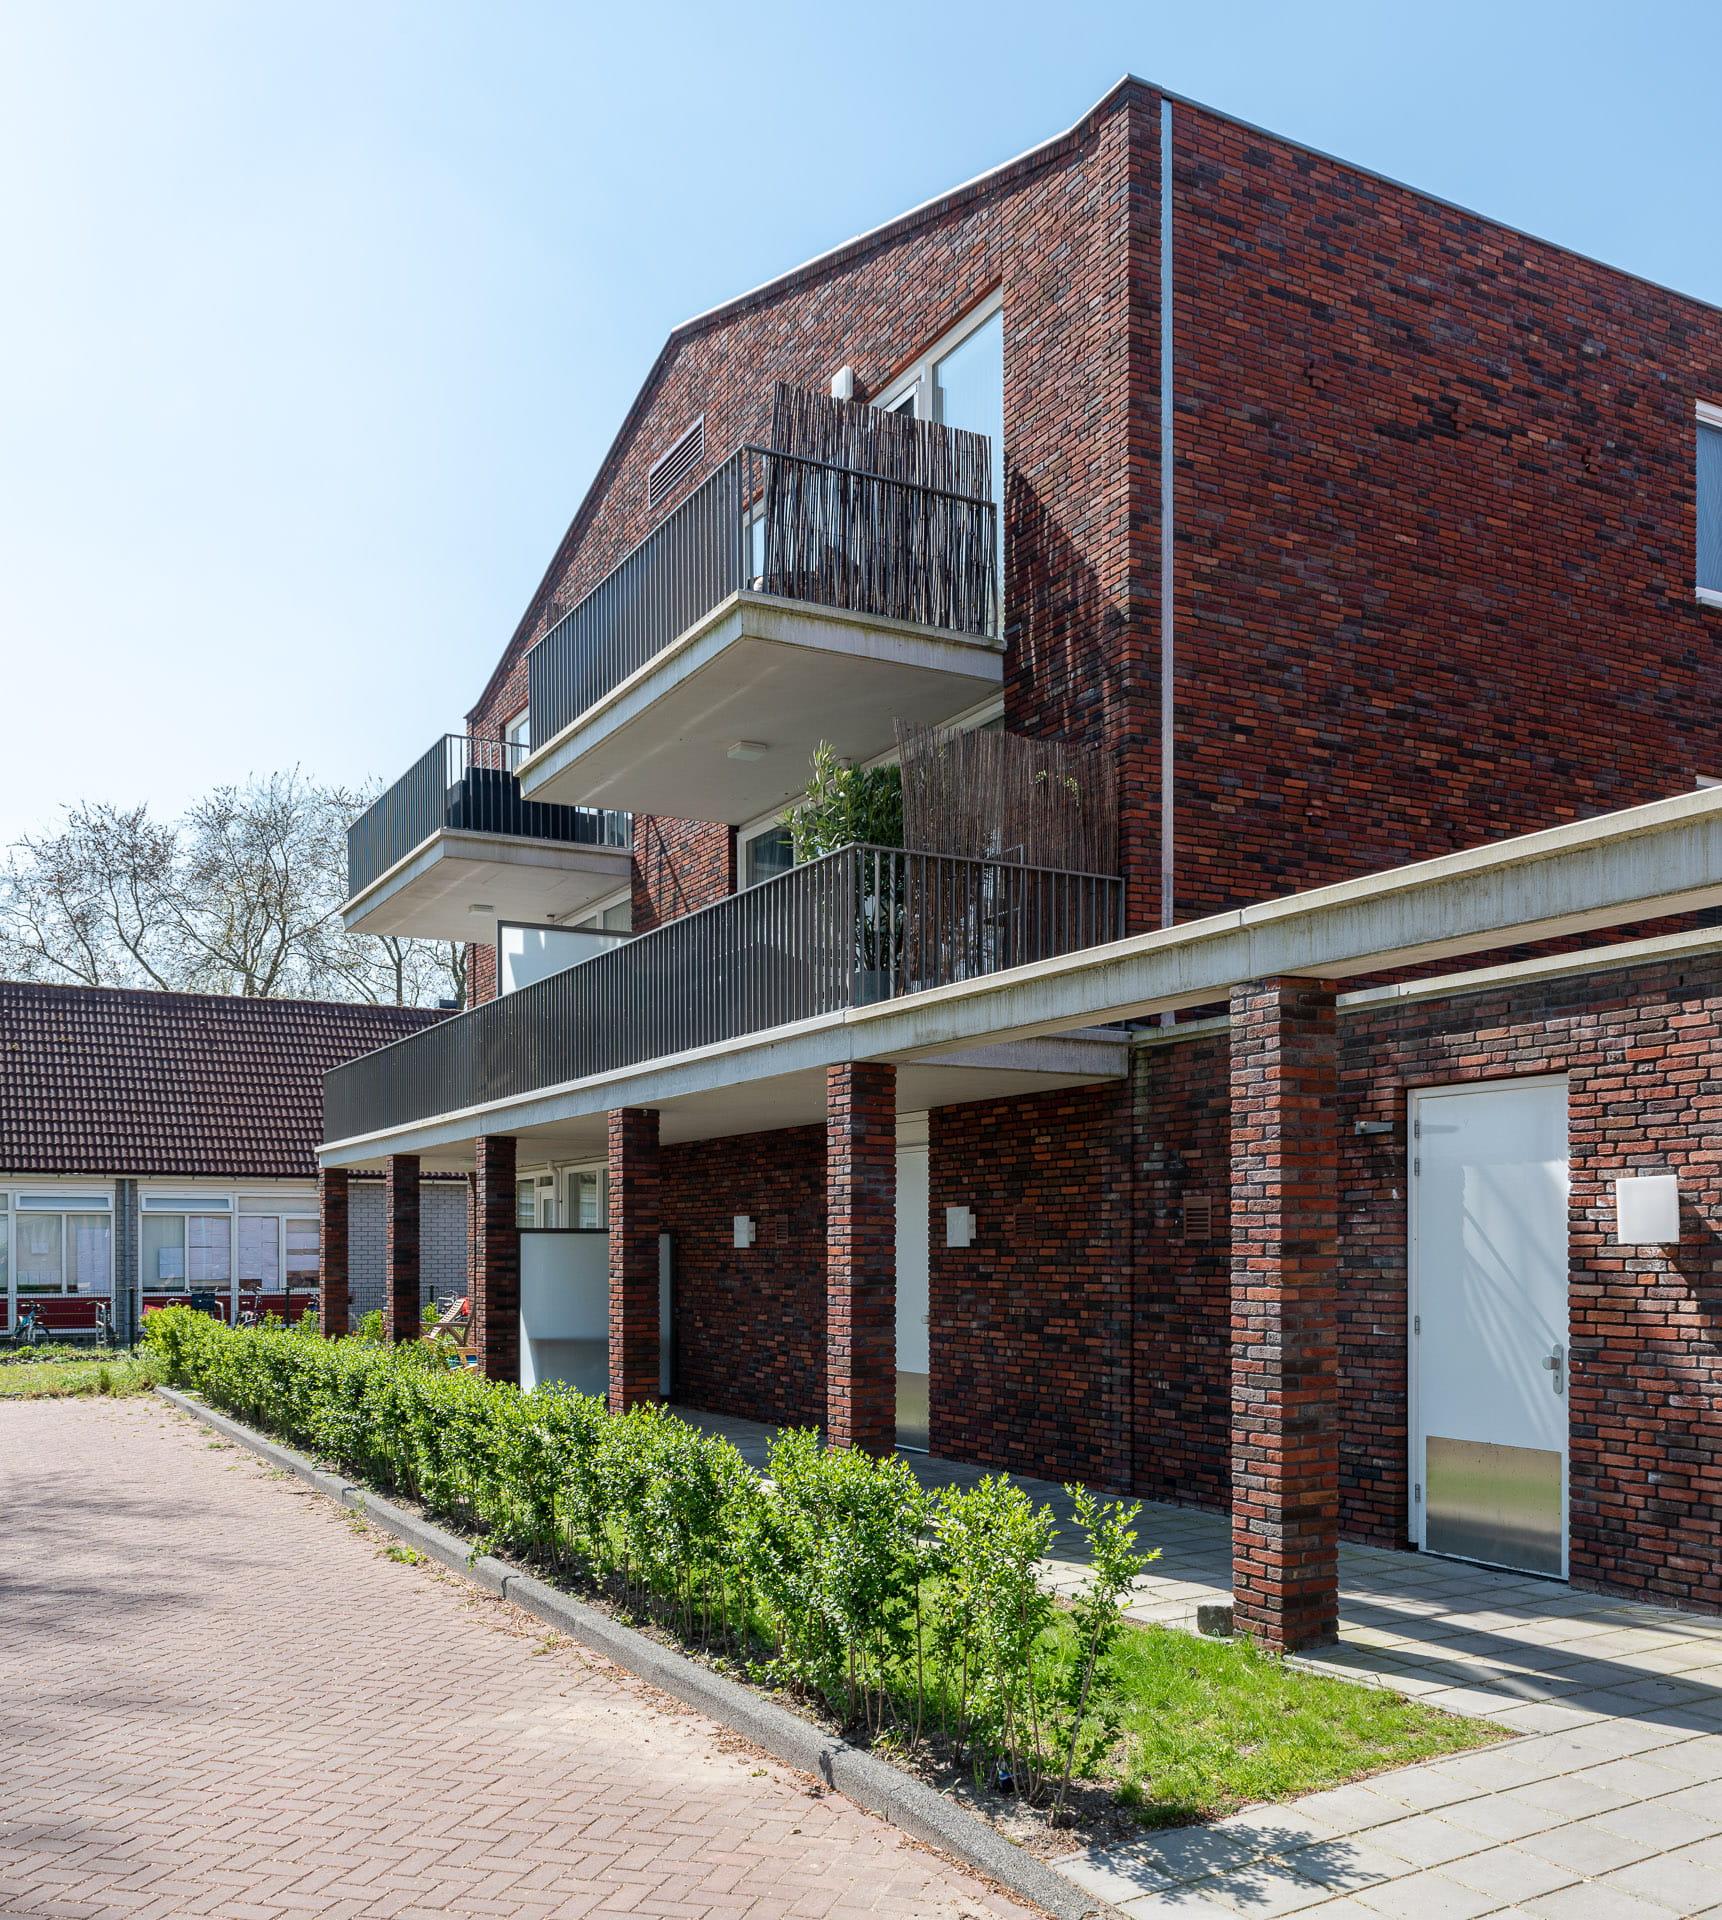 roodbruin gebouw met een balkonrij en groenstrook ervoor